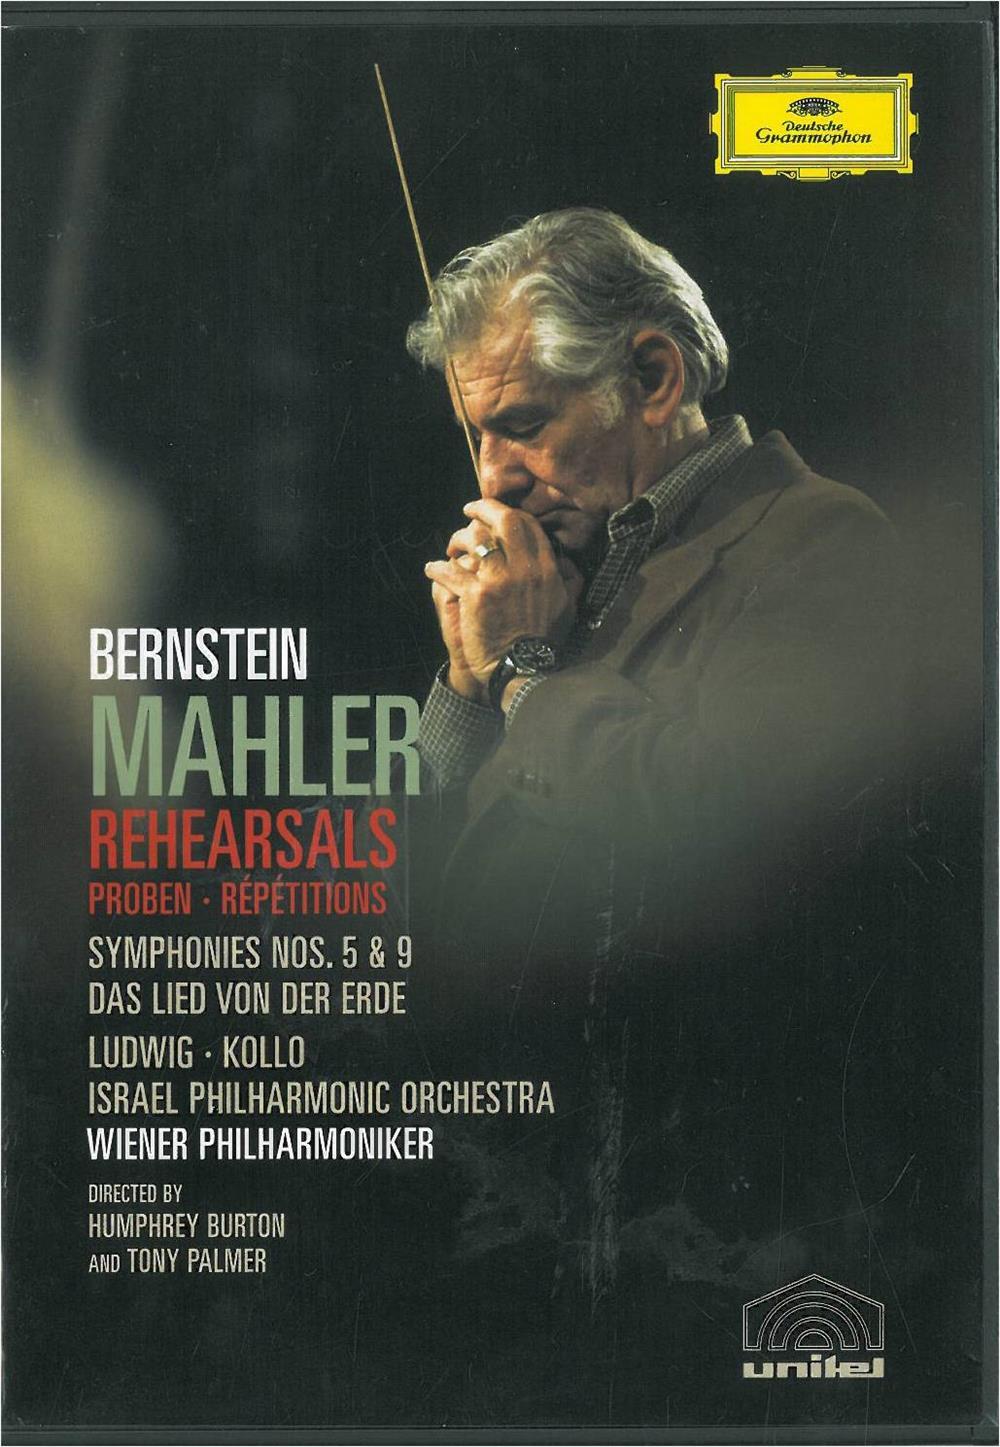 Bernstein Mahler_rehearsals_DVD som.jpg